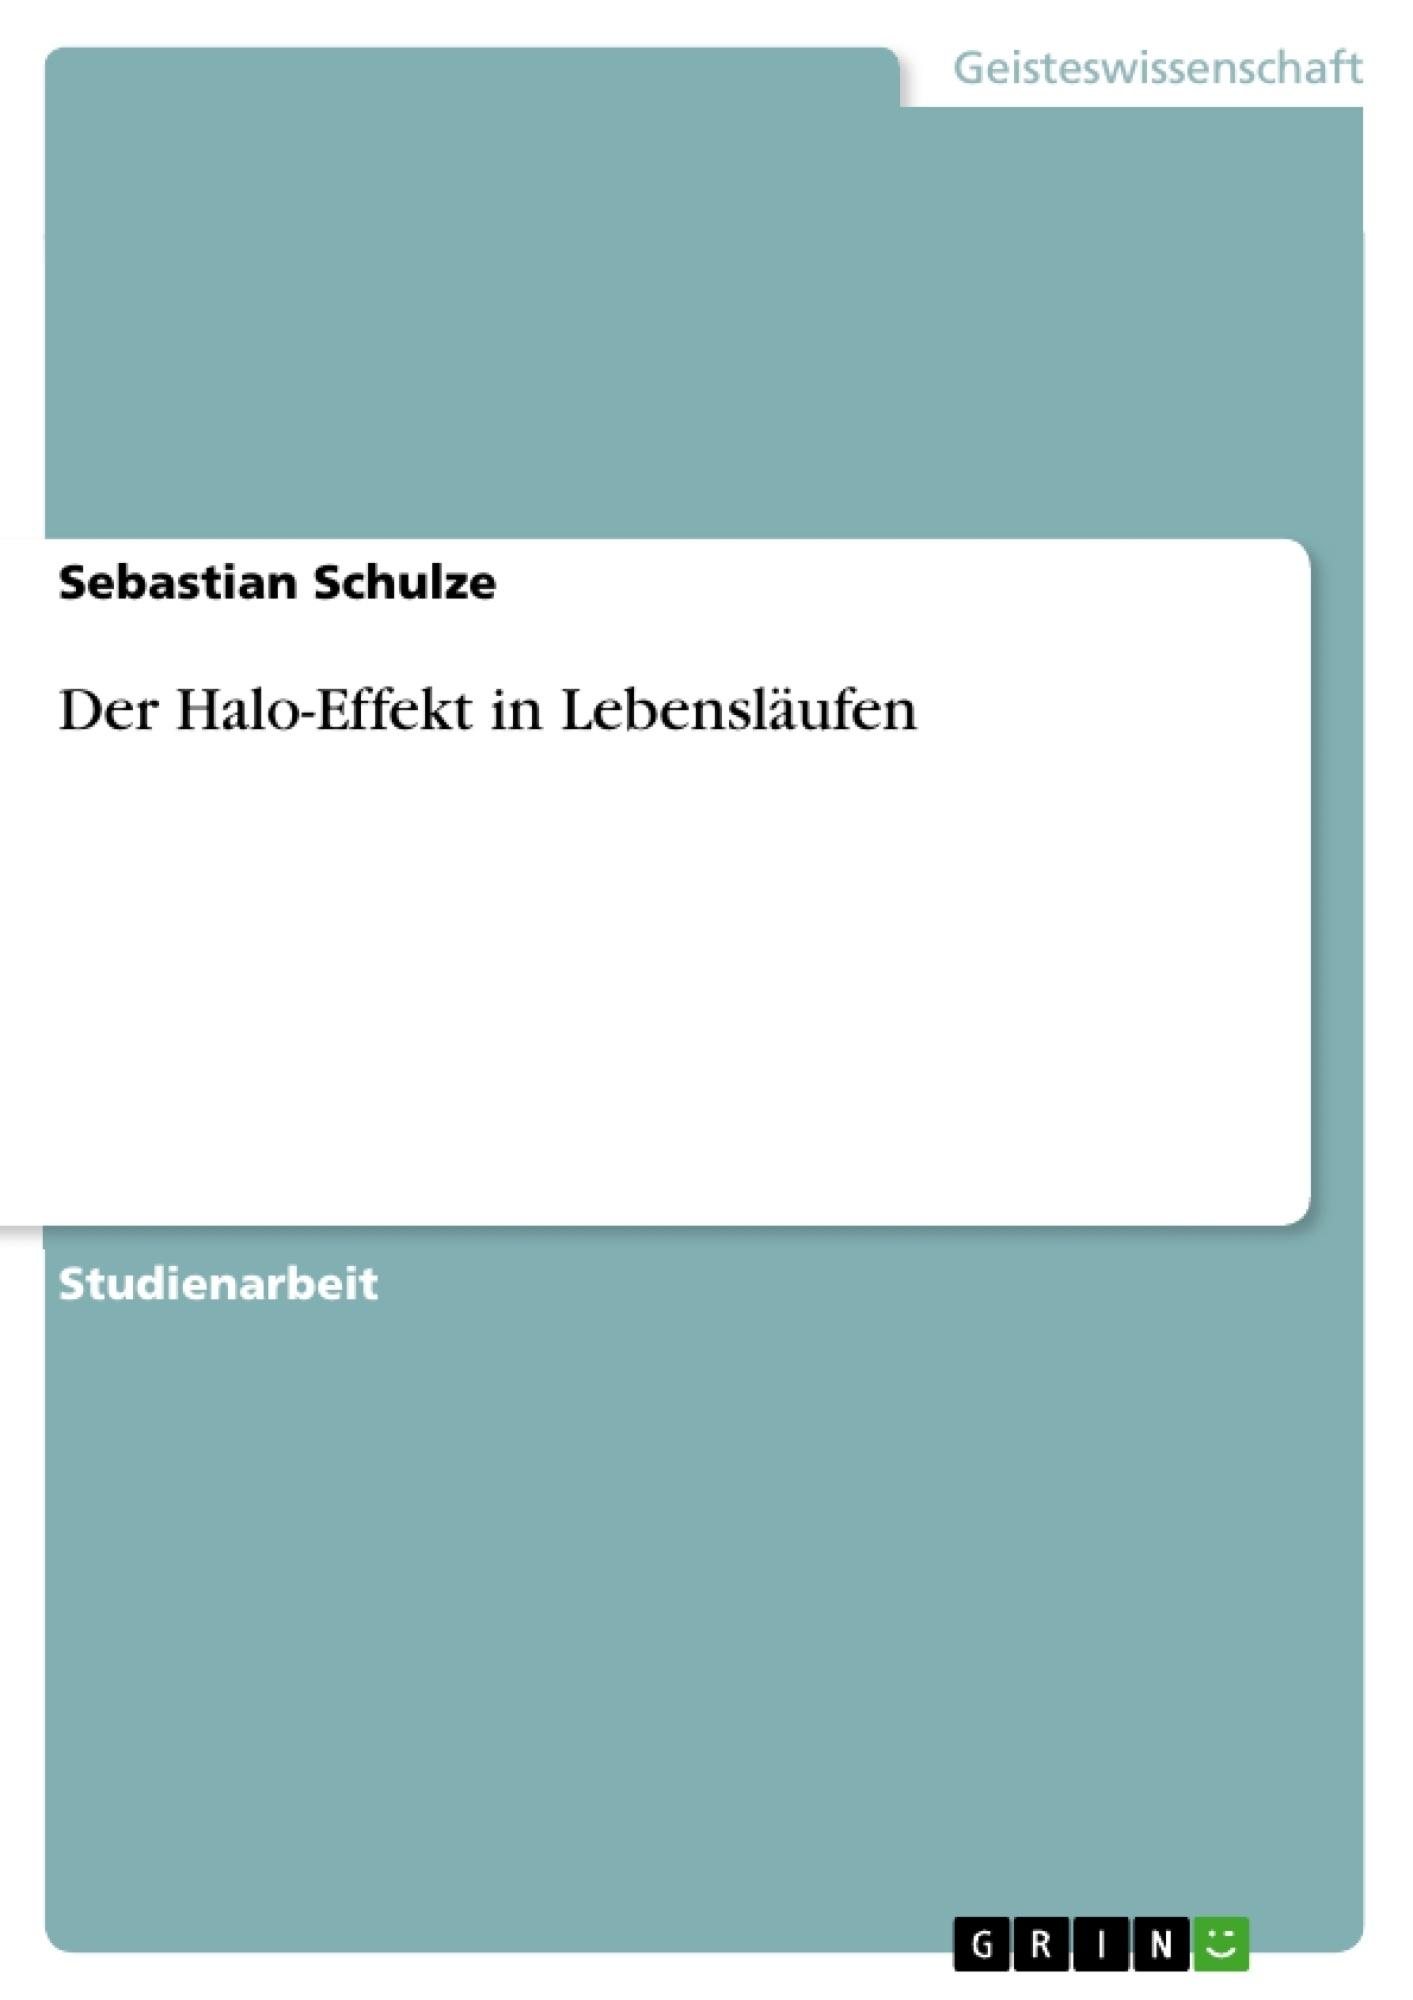 Titel: Der Halo-Effekt in Lebensläufen